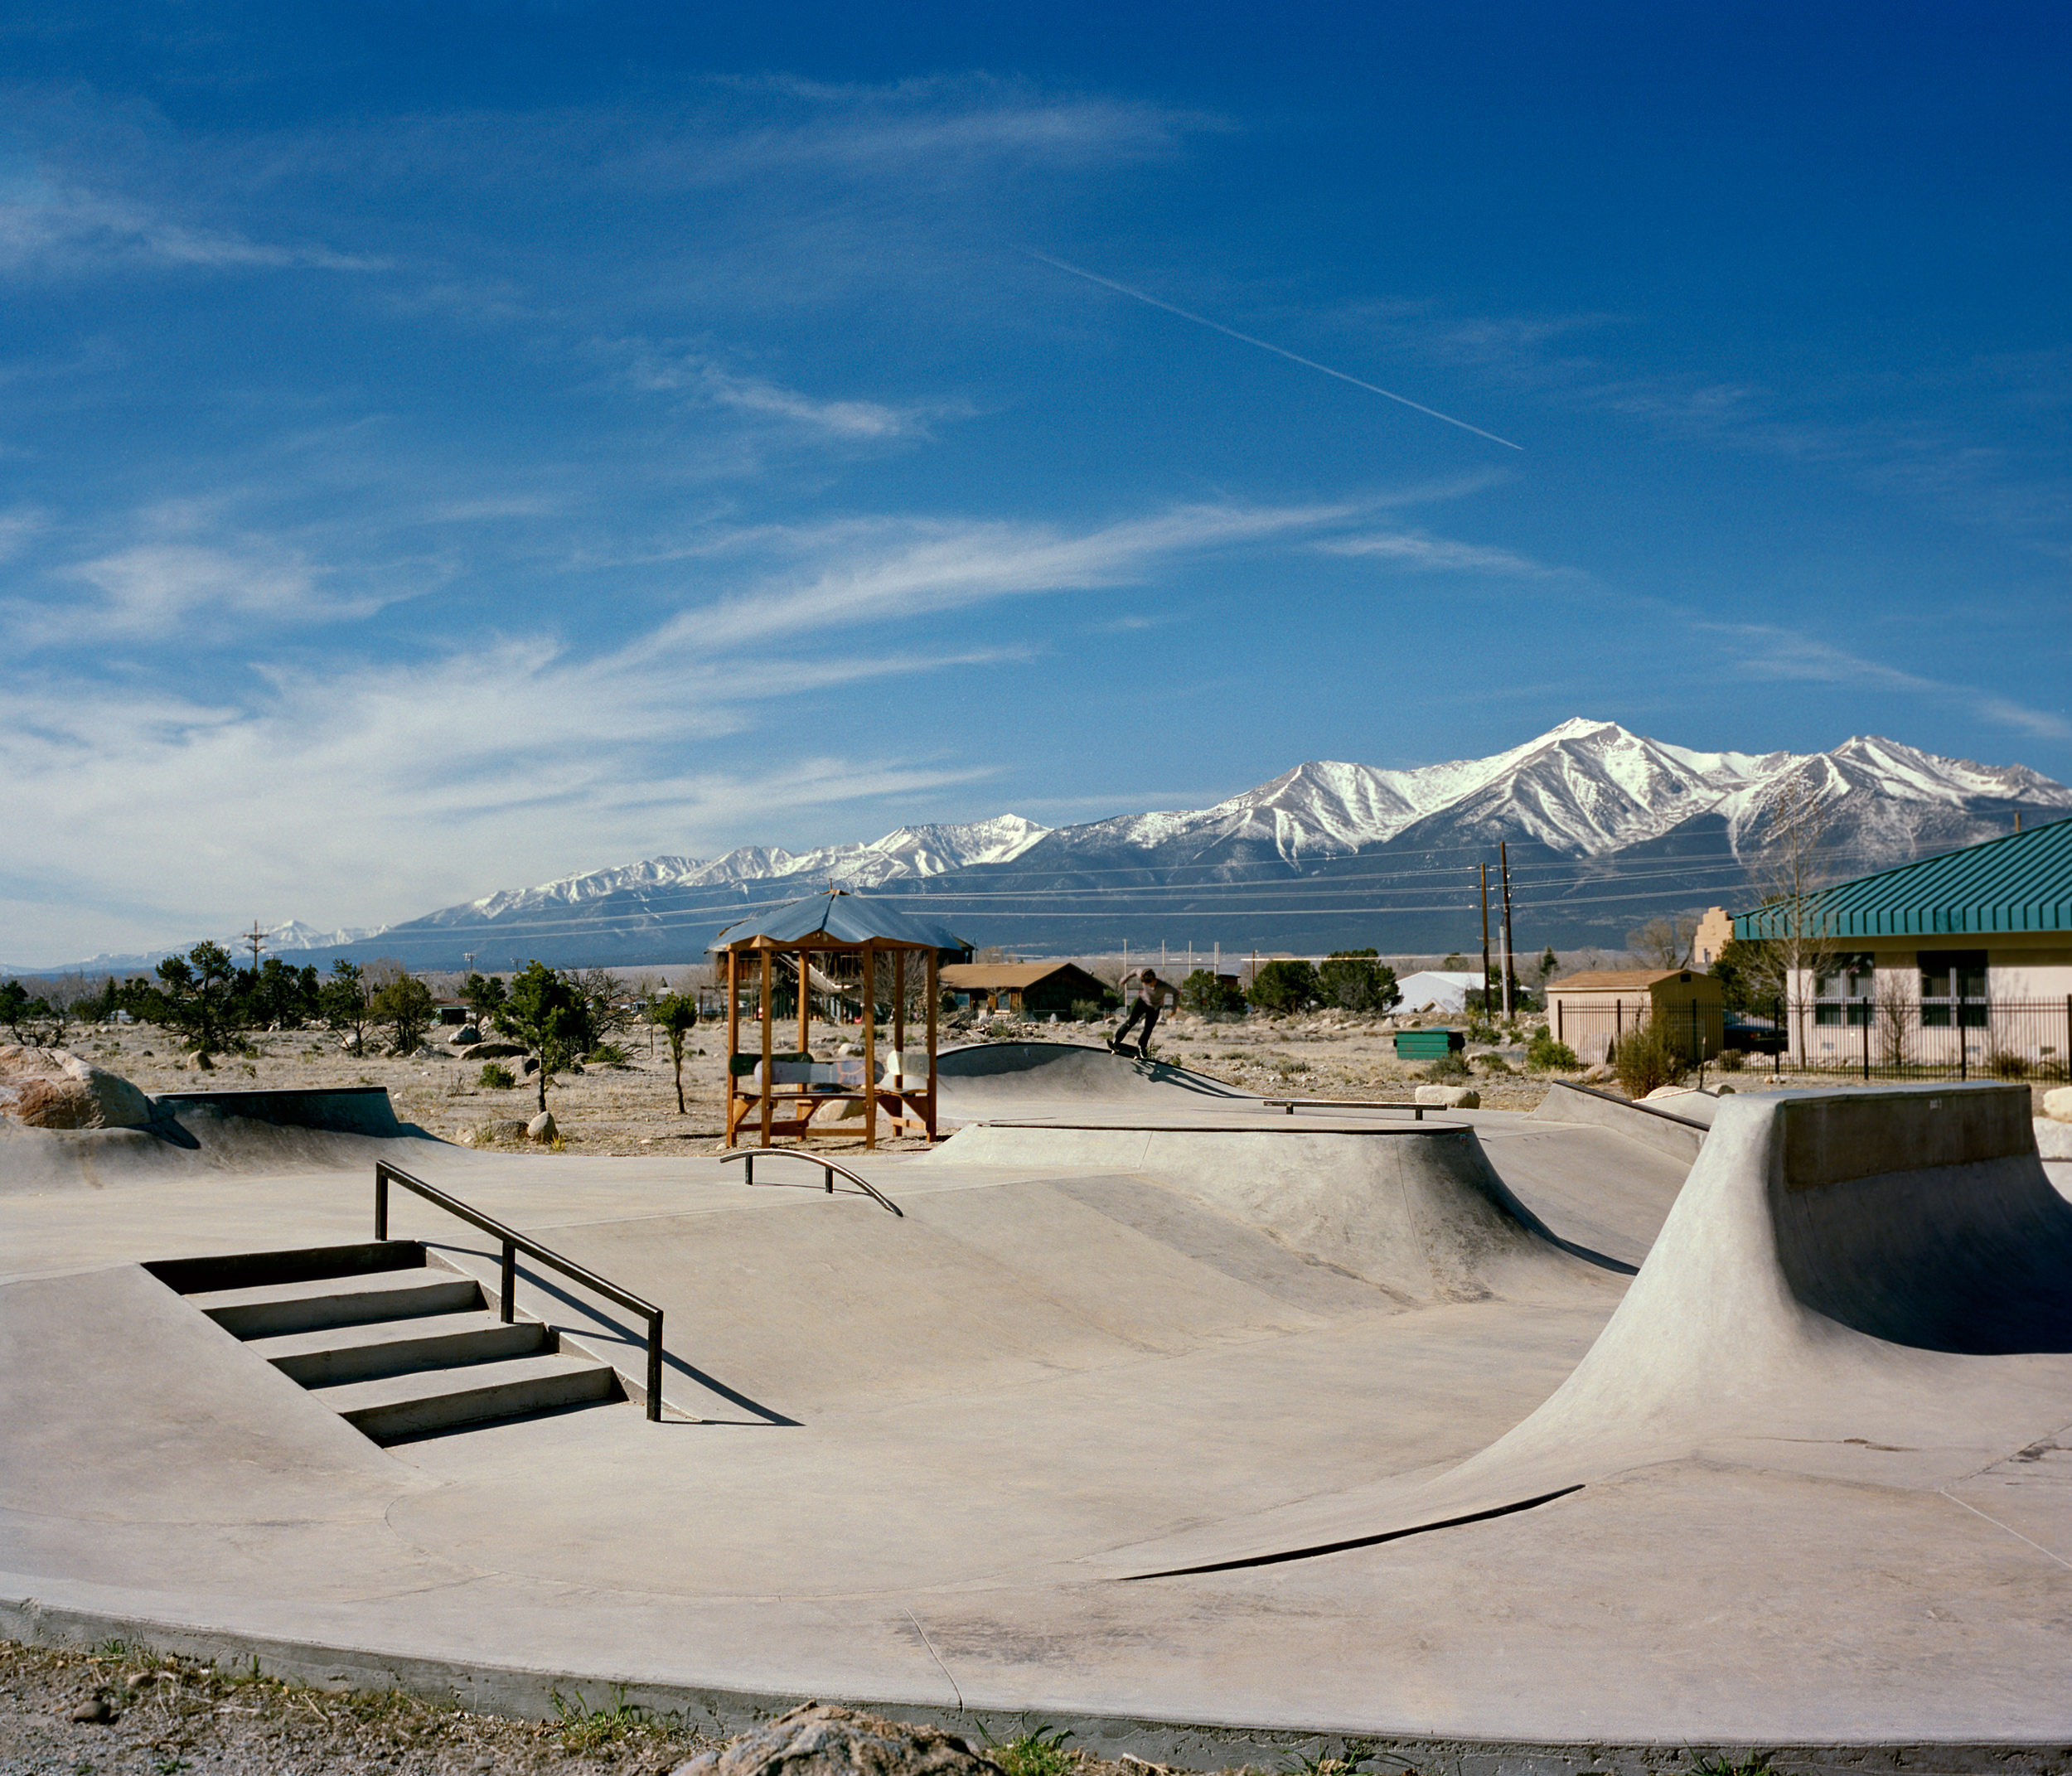 skatepark_buenavista.jpg